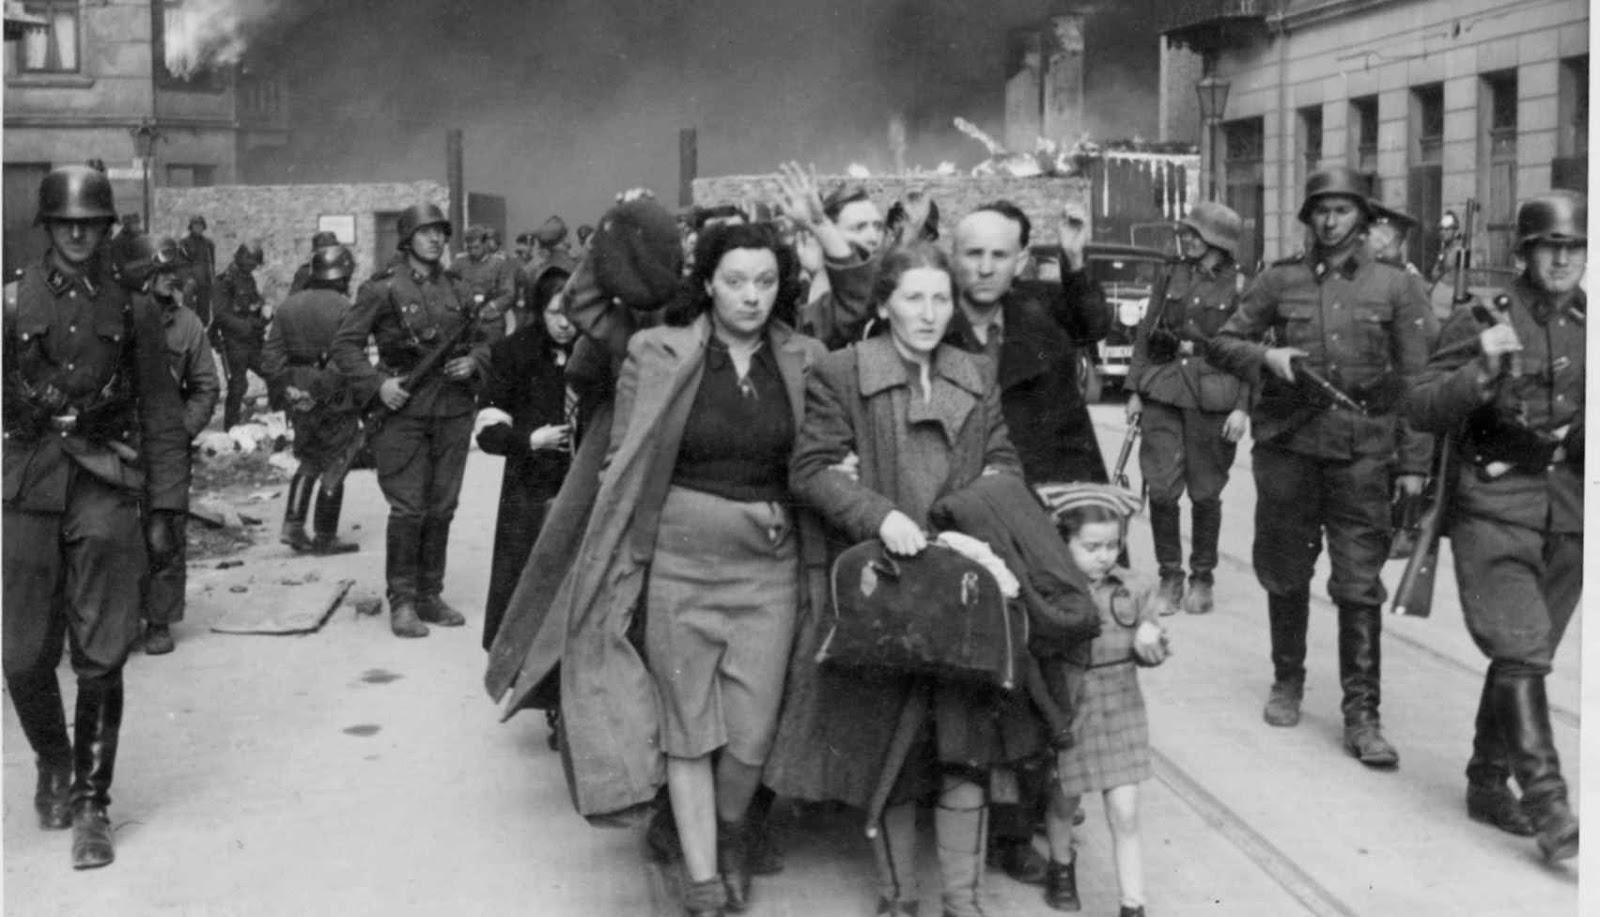 Derecho al honor de los judios